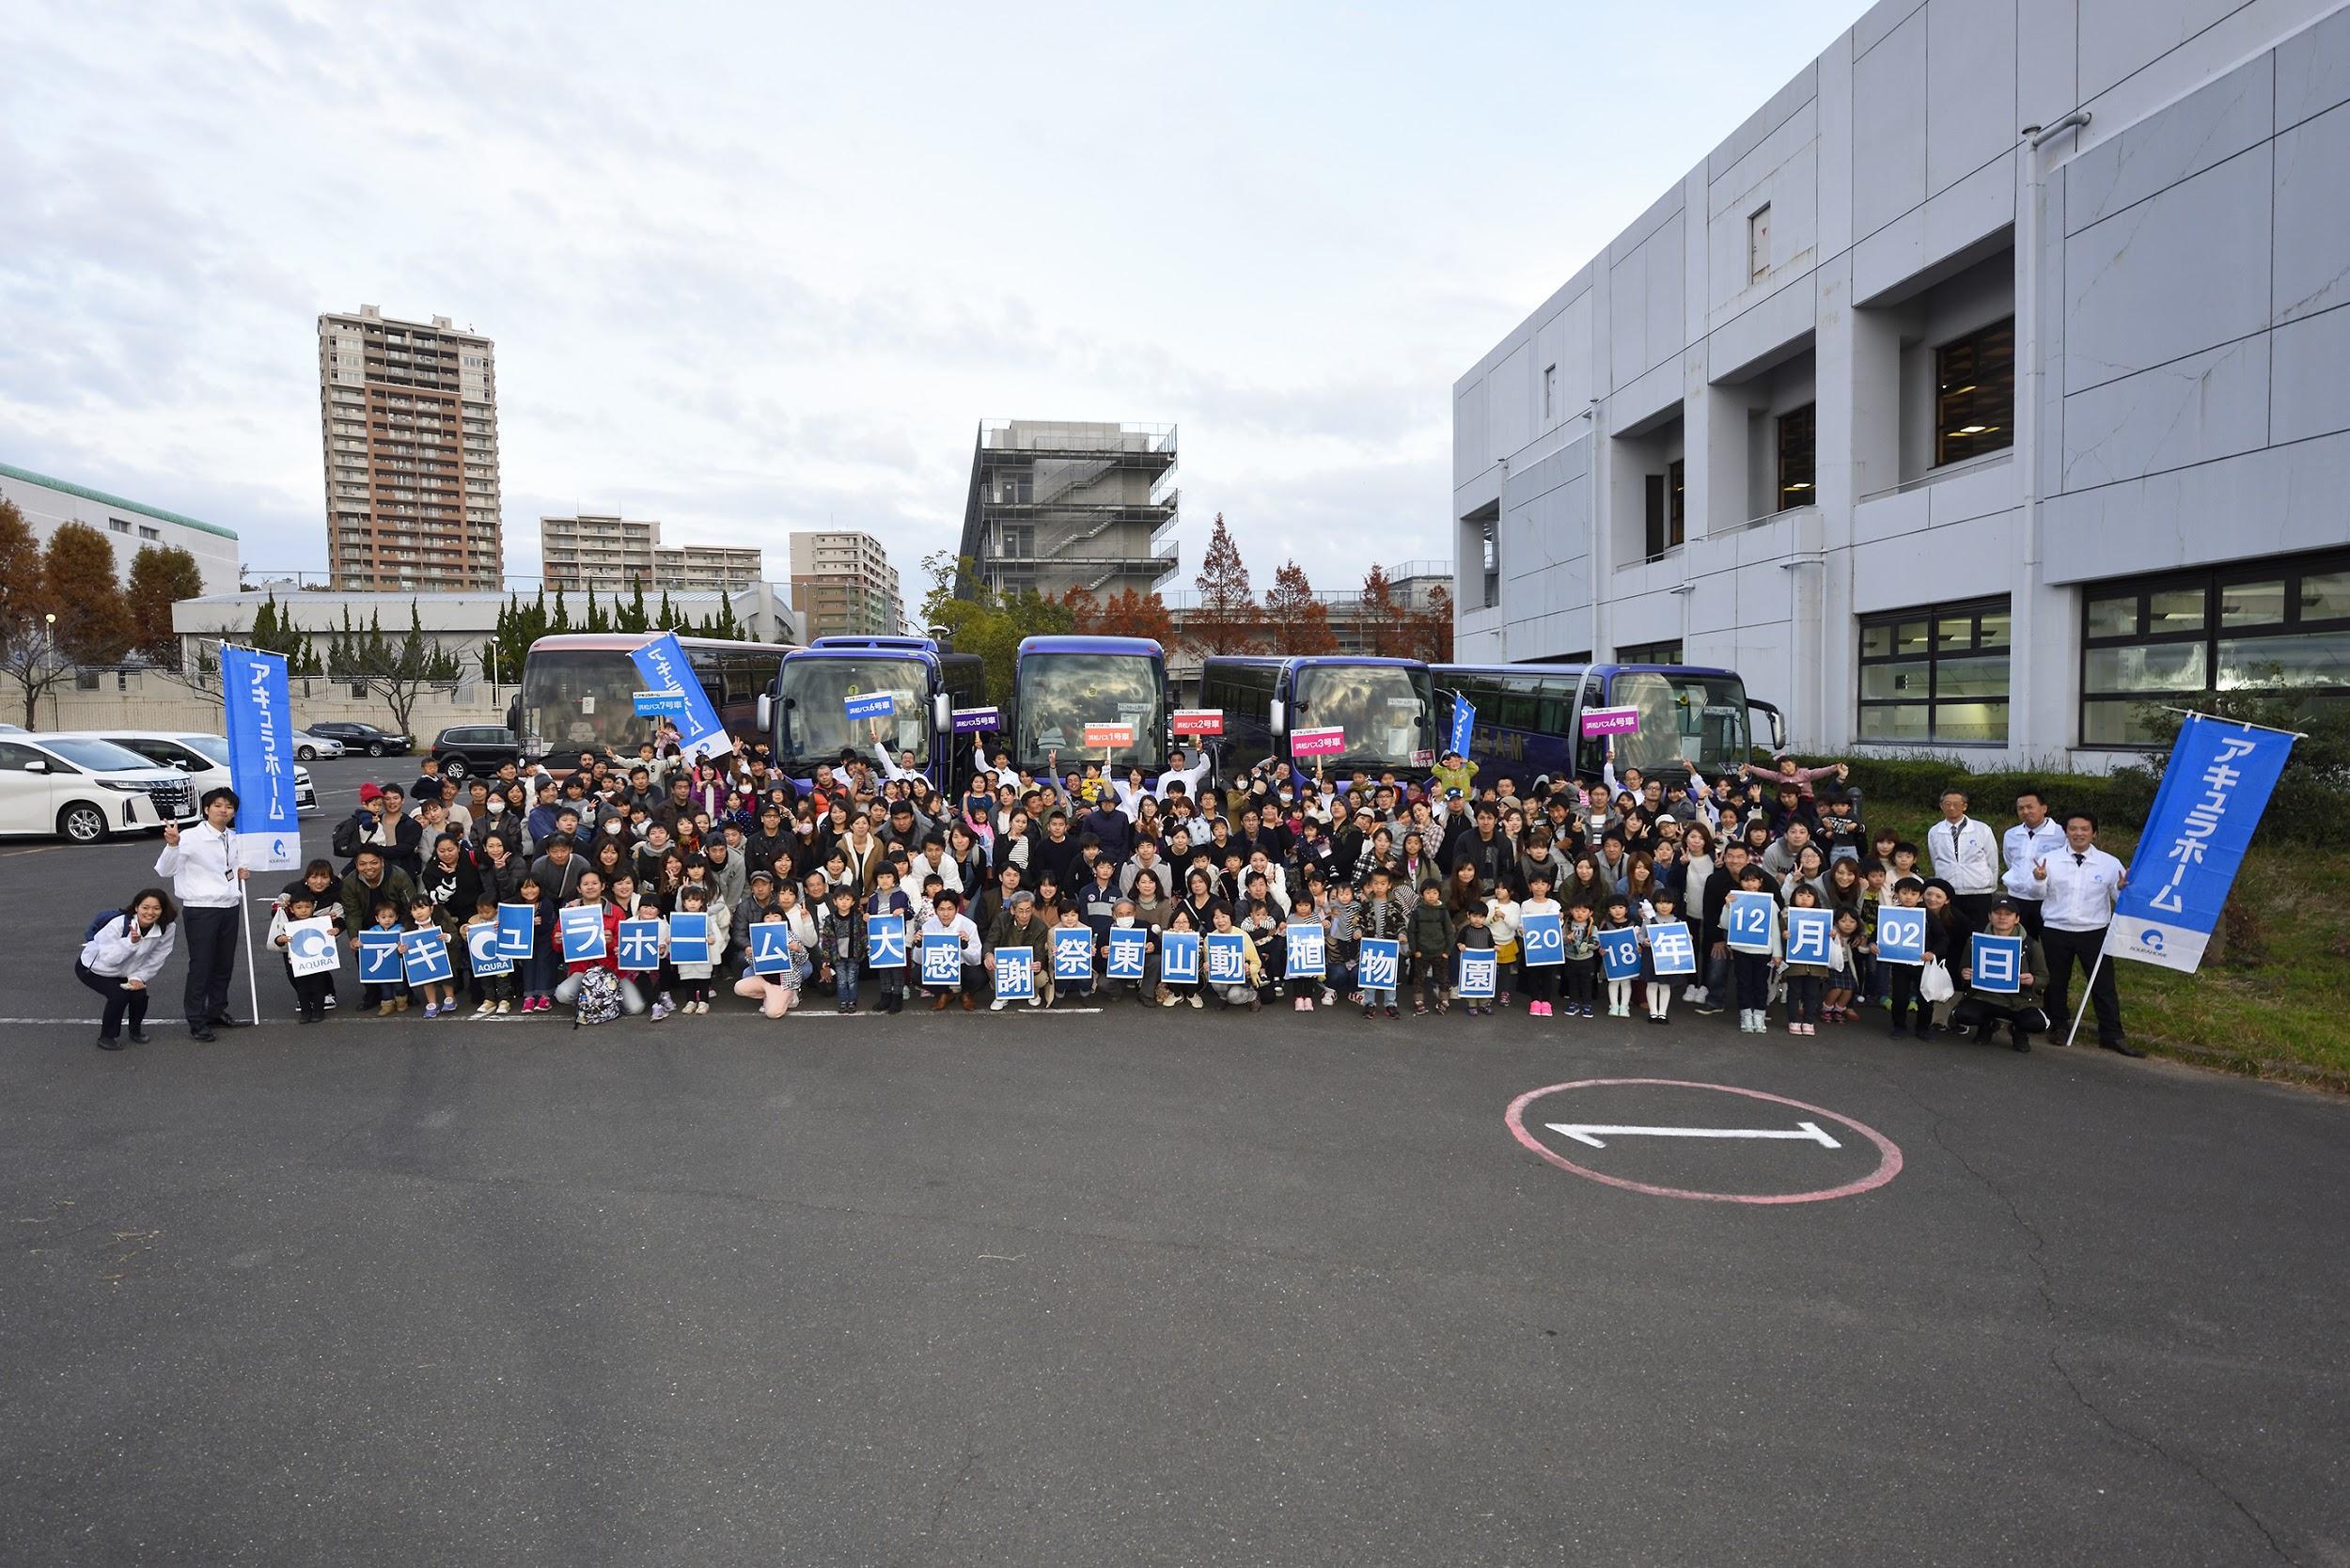 アキュラホーム40周年記念!大感謝祭★バスツアーを開催しました♪